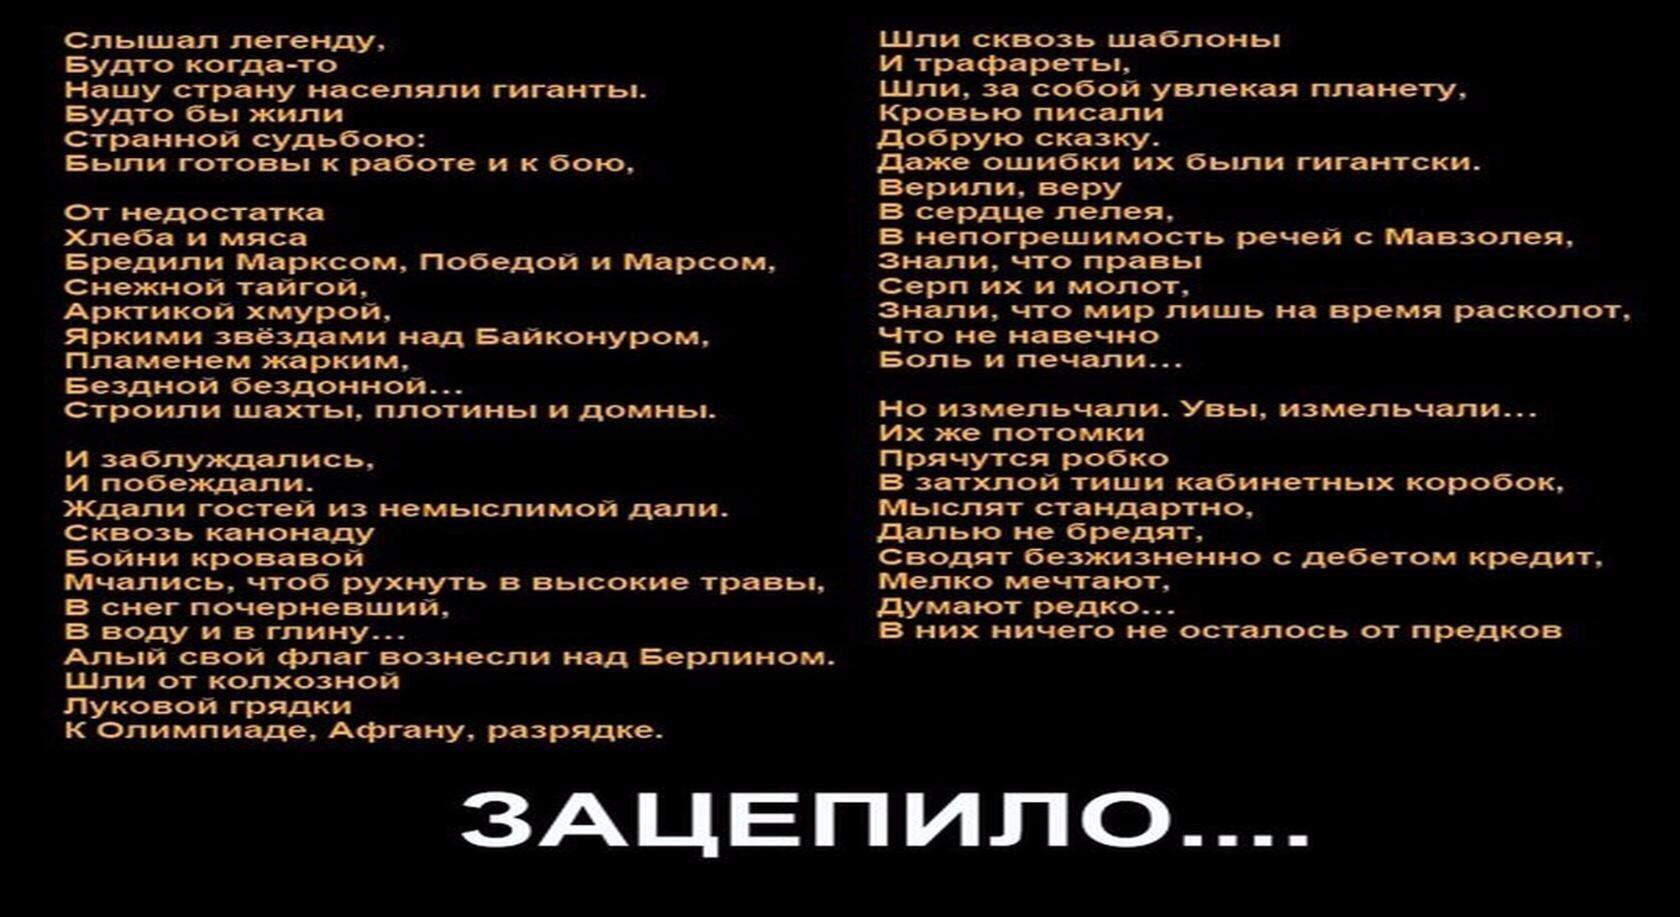 Текст песни(слова) Надежда Кадышева - Едут новоселы